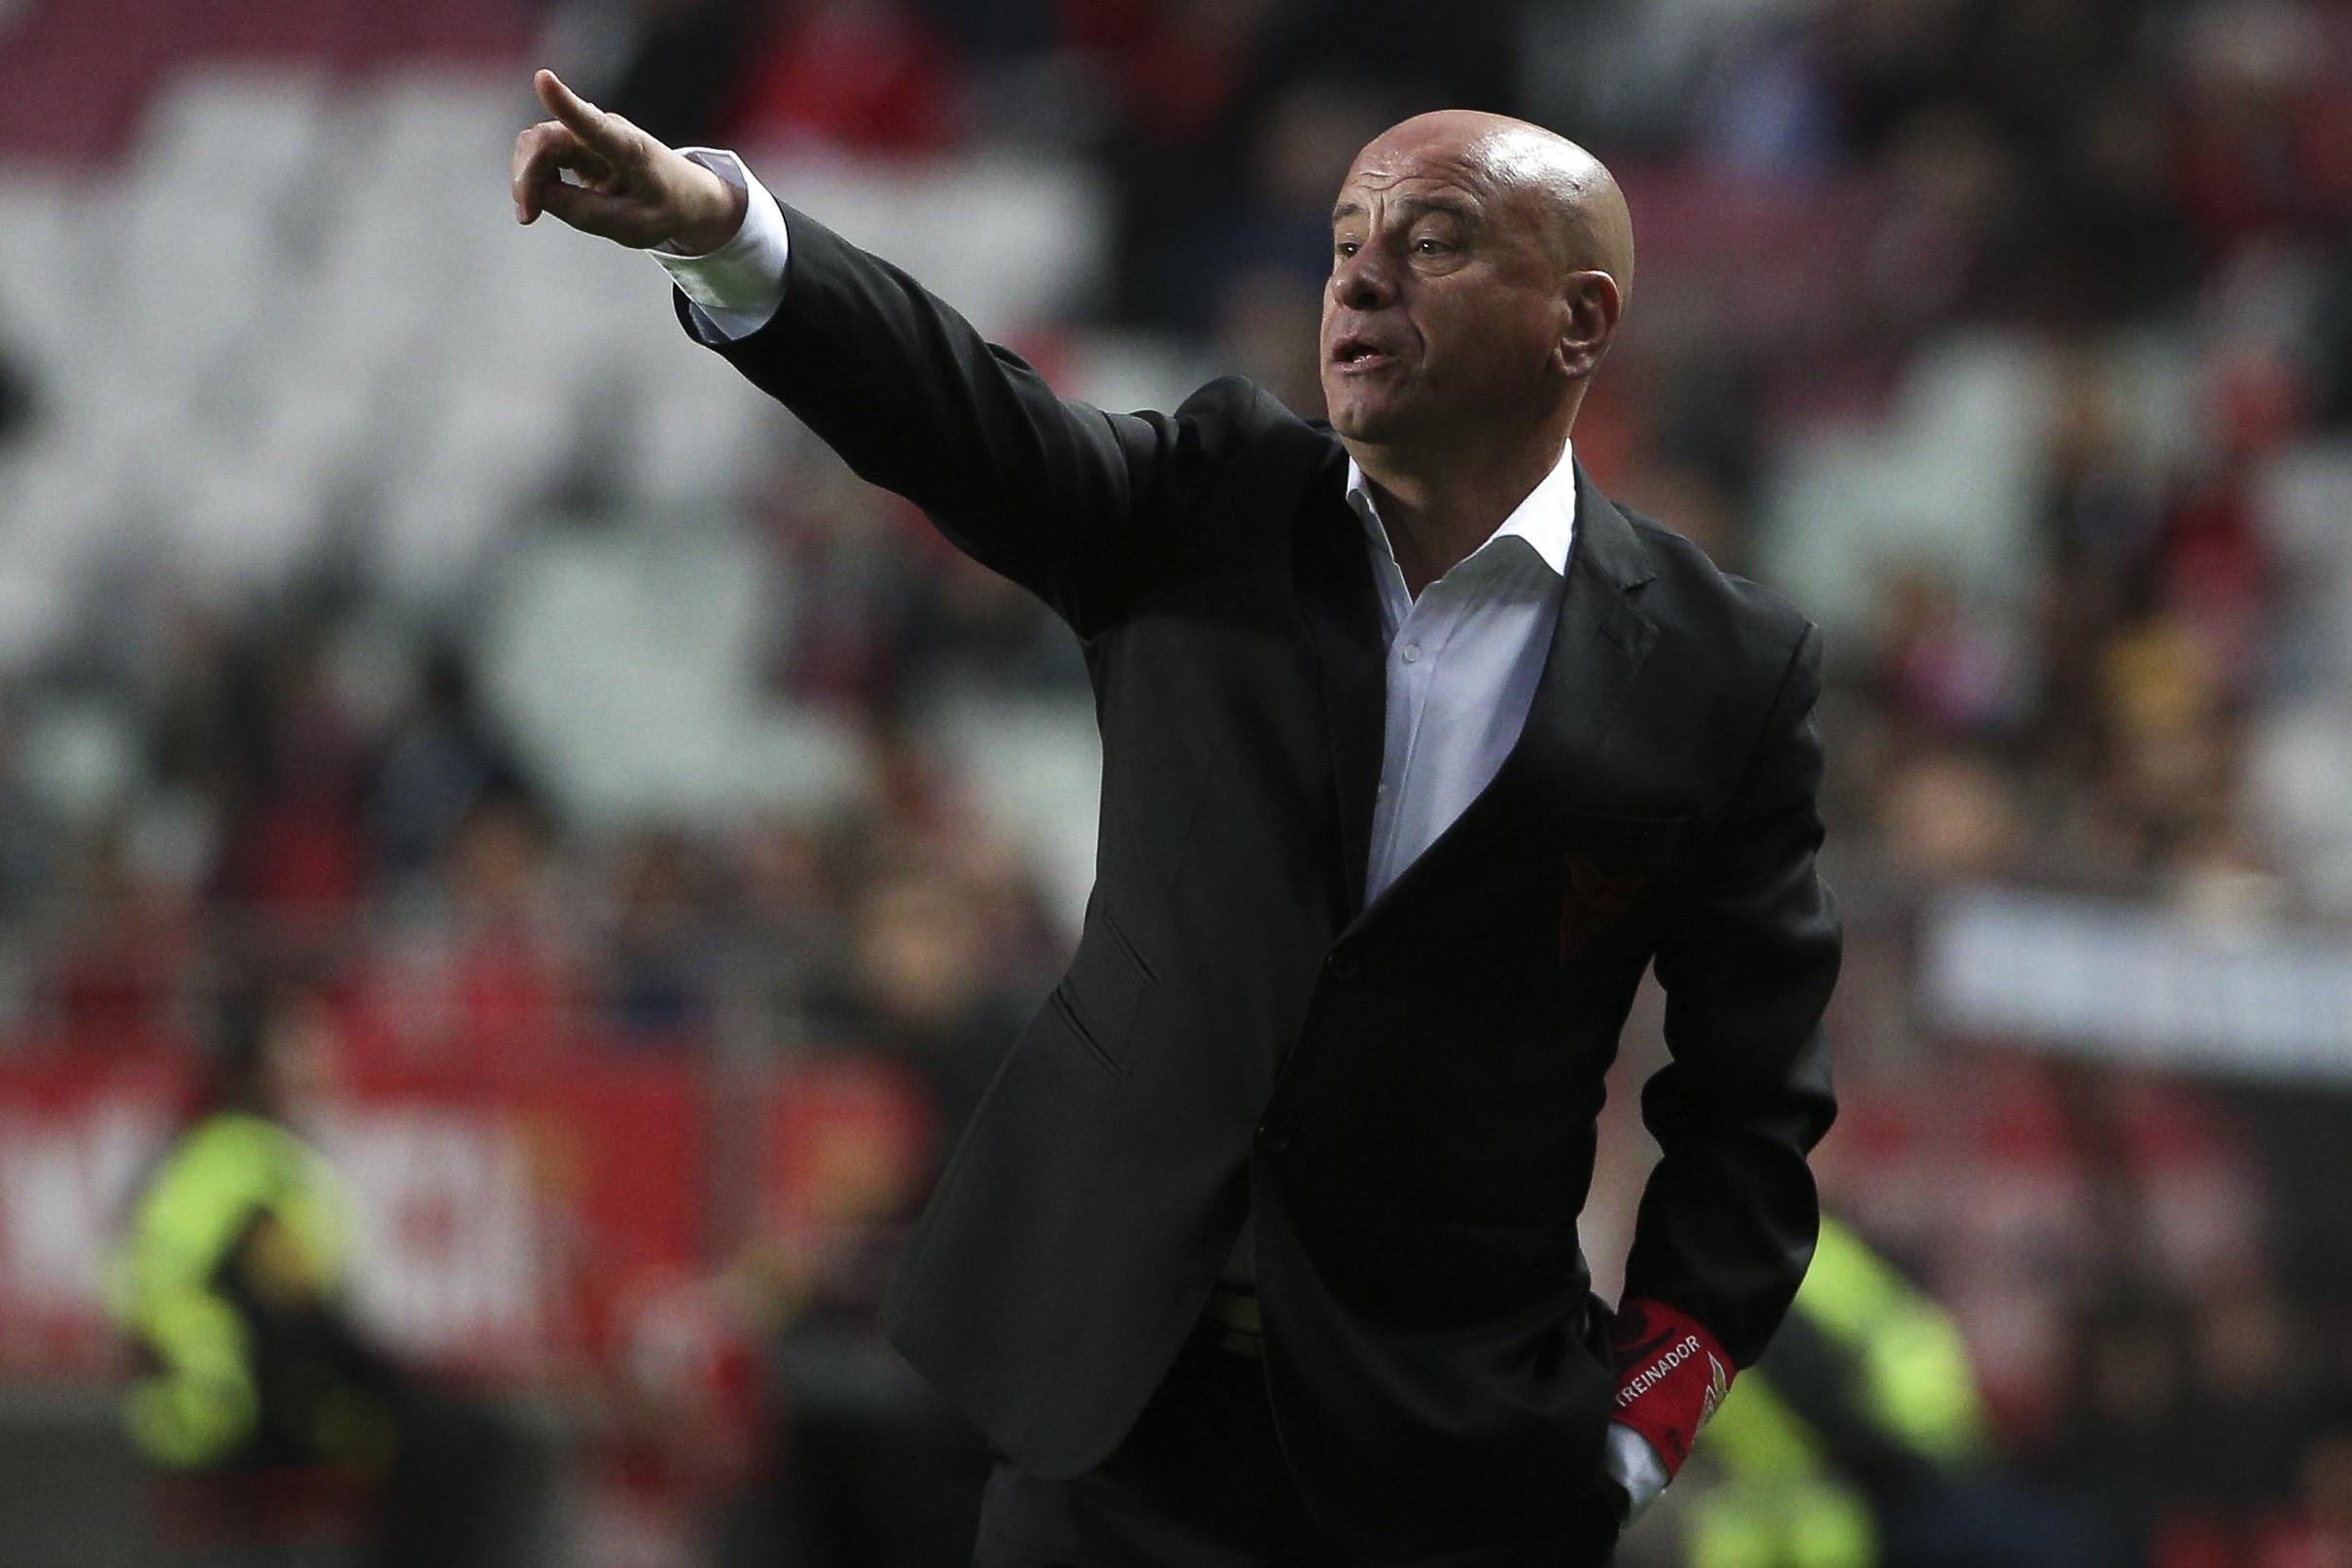 Oficial: José Mota de saída do Desportivo das Aves